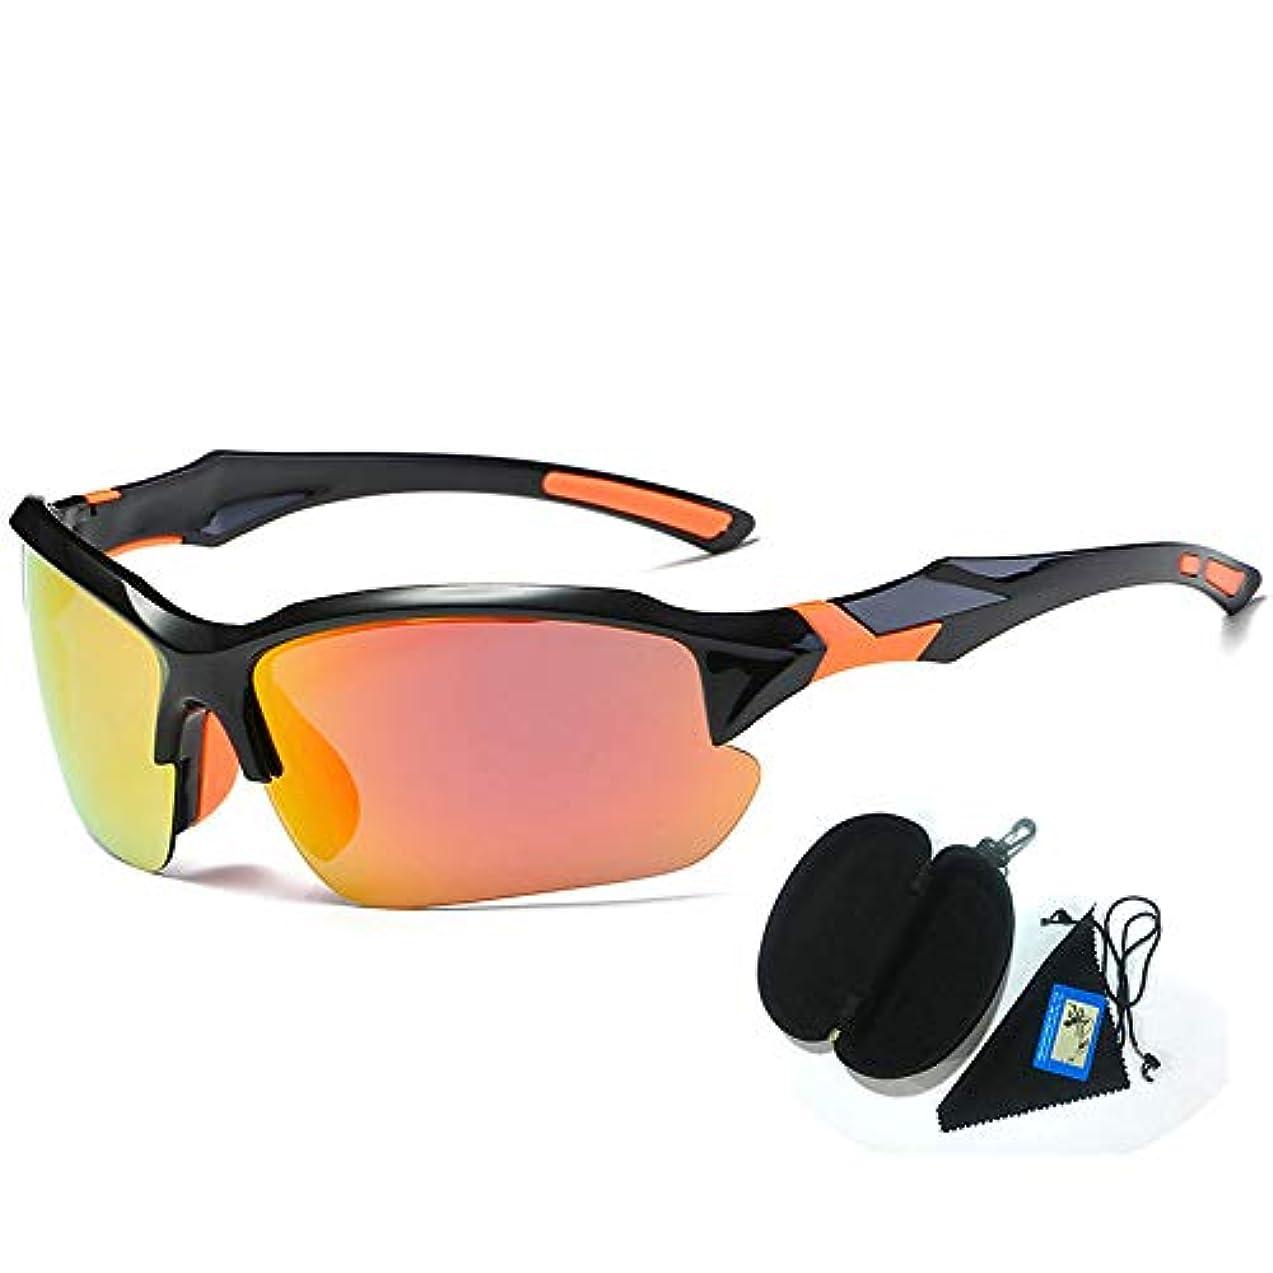 宇宙船人間累計ライディングメガネ 偏光サングラスカラーサングラス男性メガネに乗るアウトドアゴルフメガネボールをピックアップする ライディングゴーグルメガネ